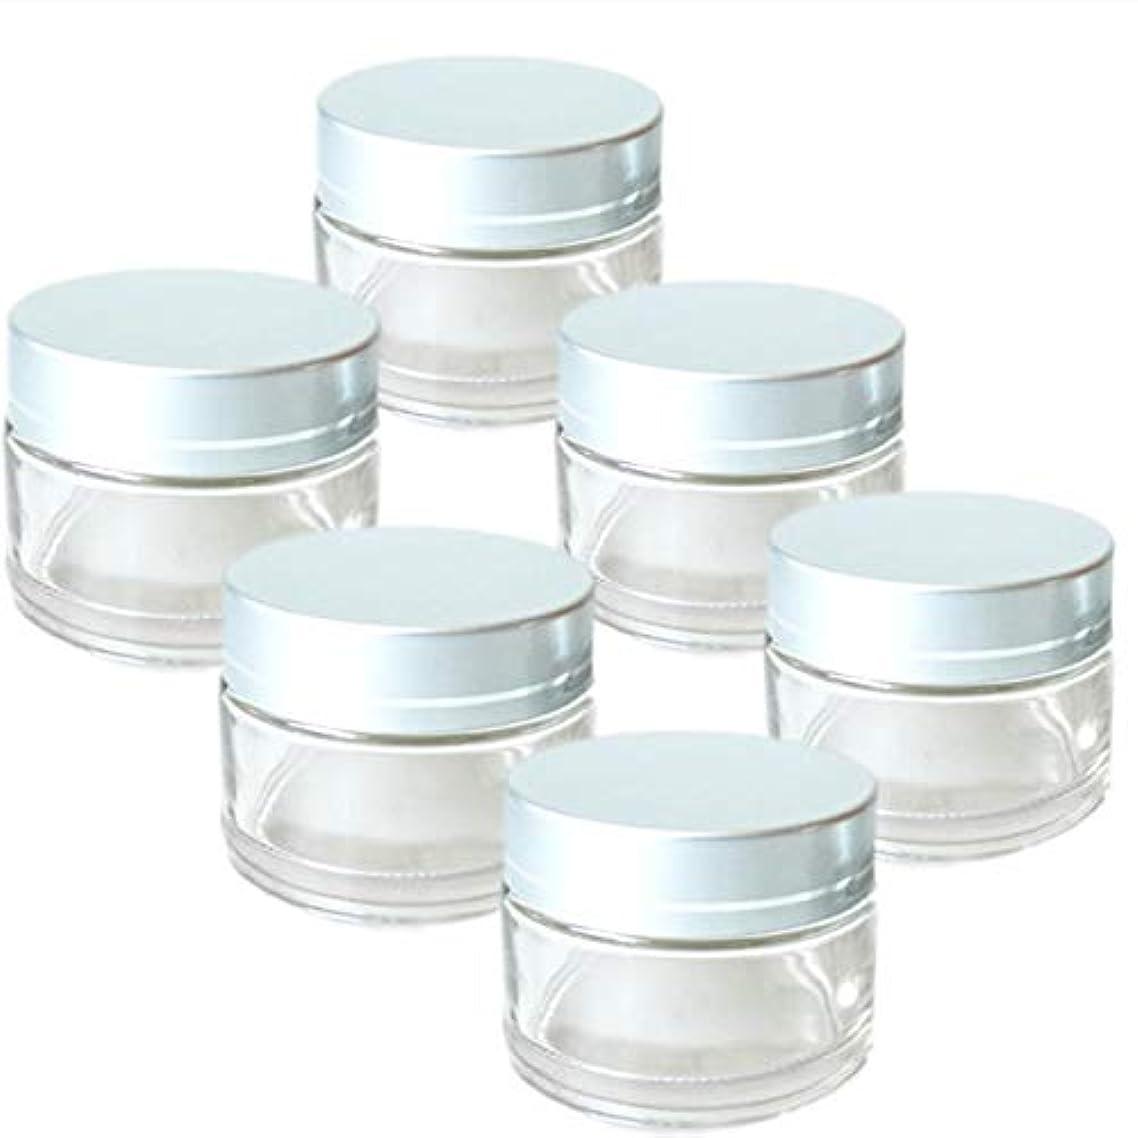 予報黄ばむ製作rer ハンドクリーム 詰替え 容器 薬 ワセリン 入れ 6個 セット (クリア)